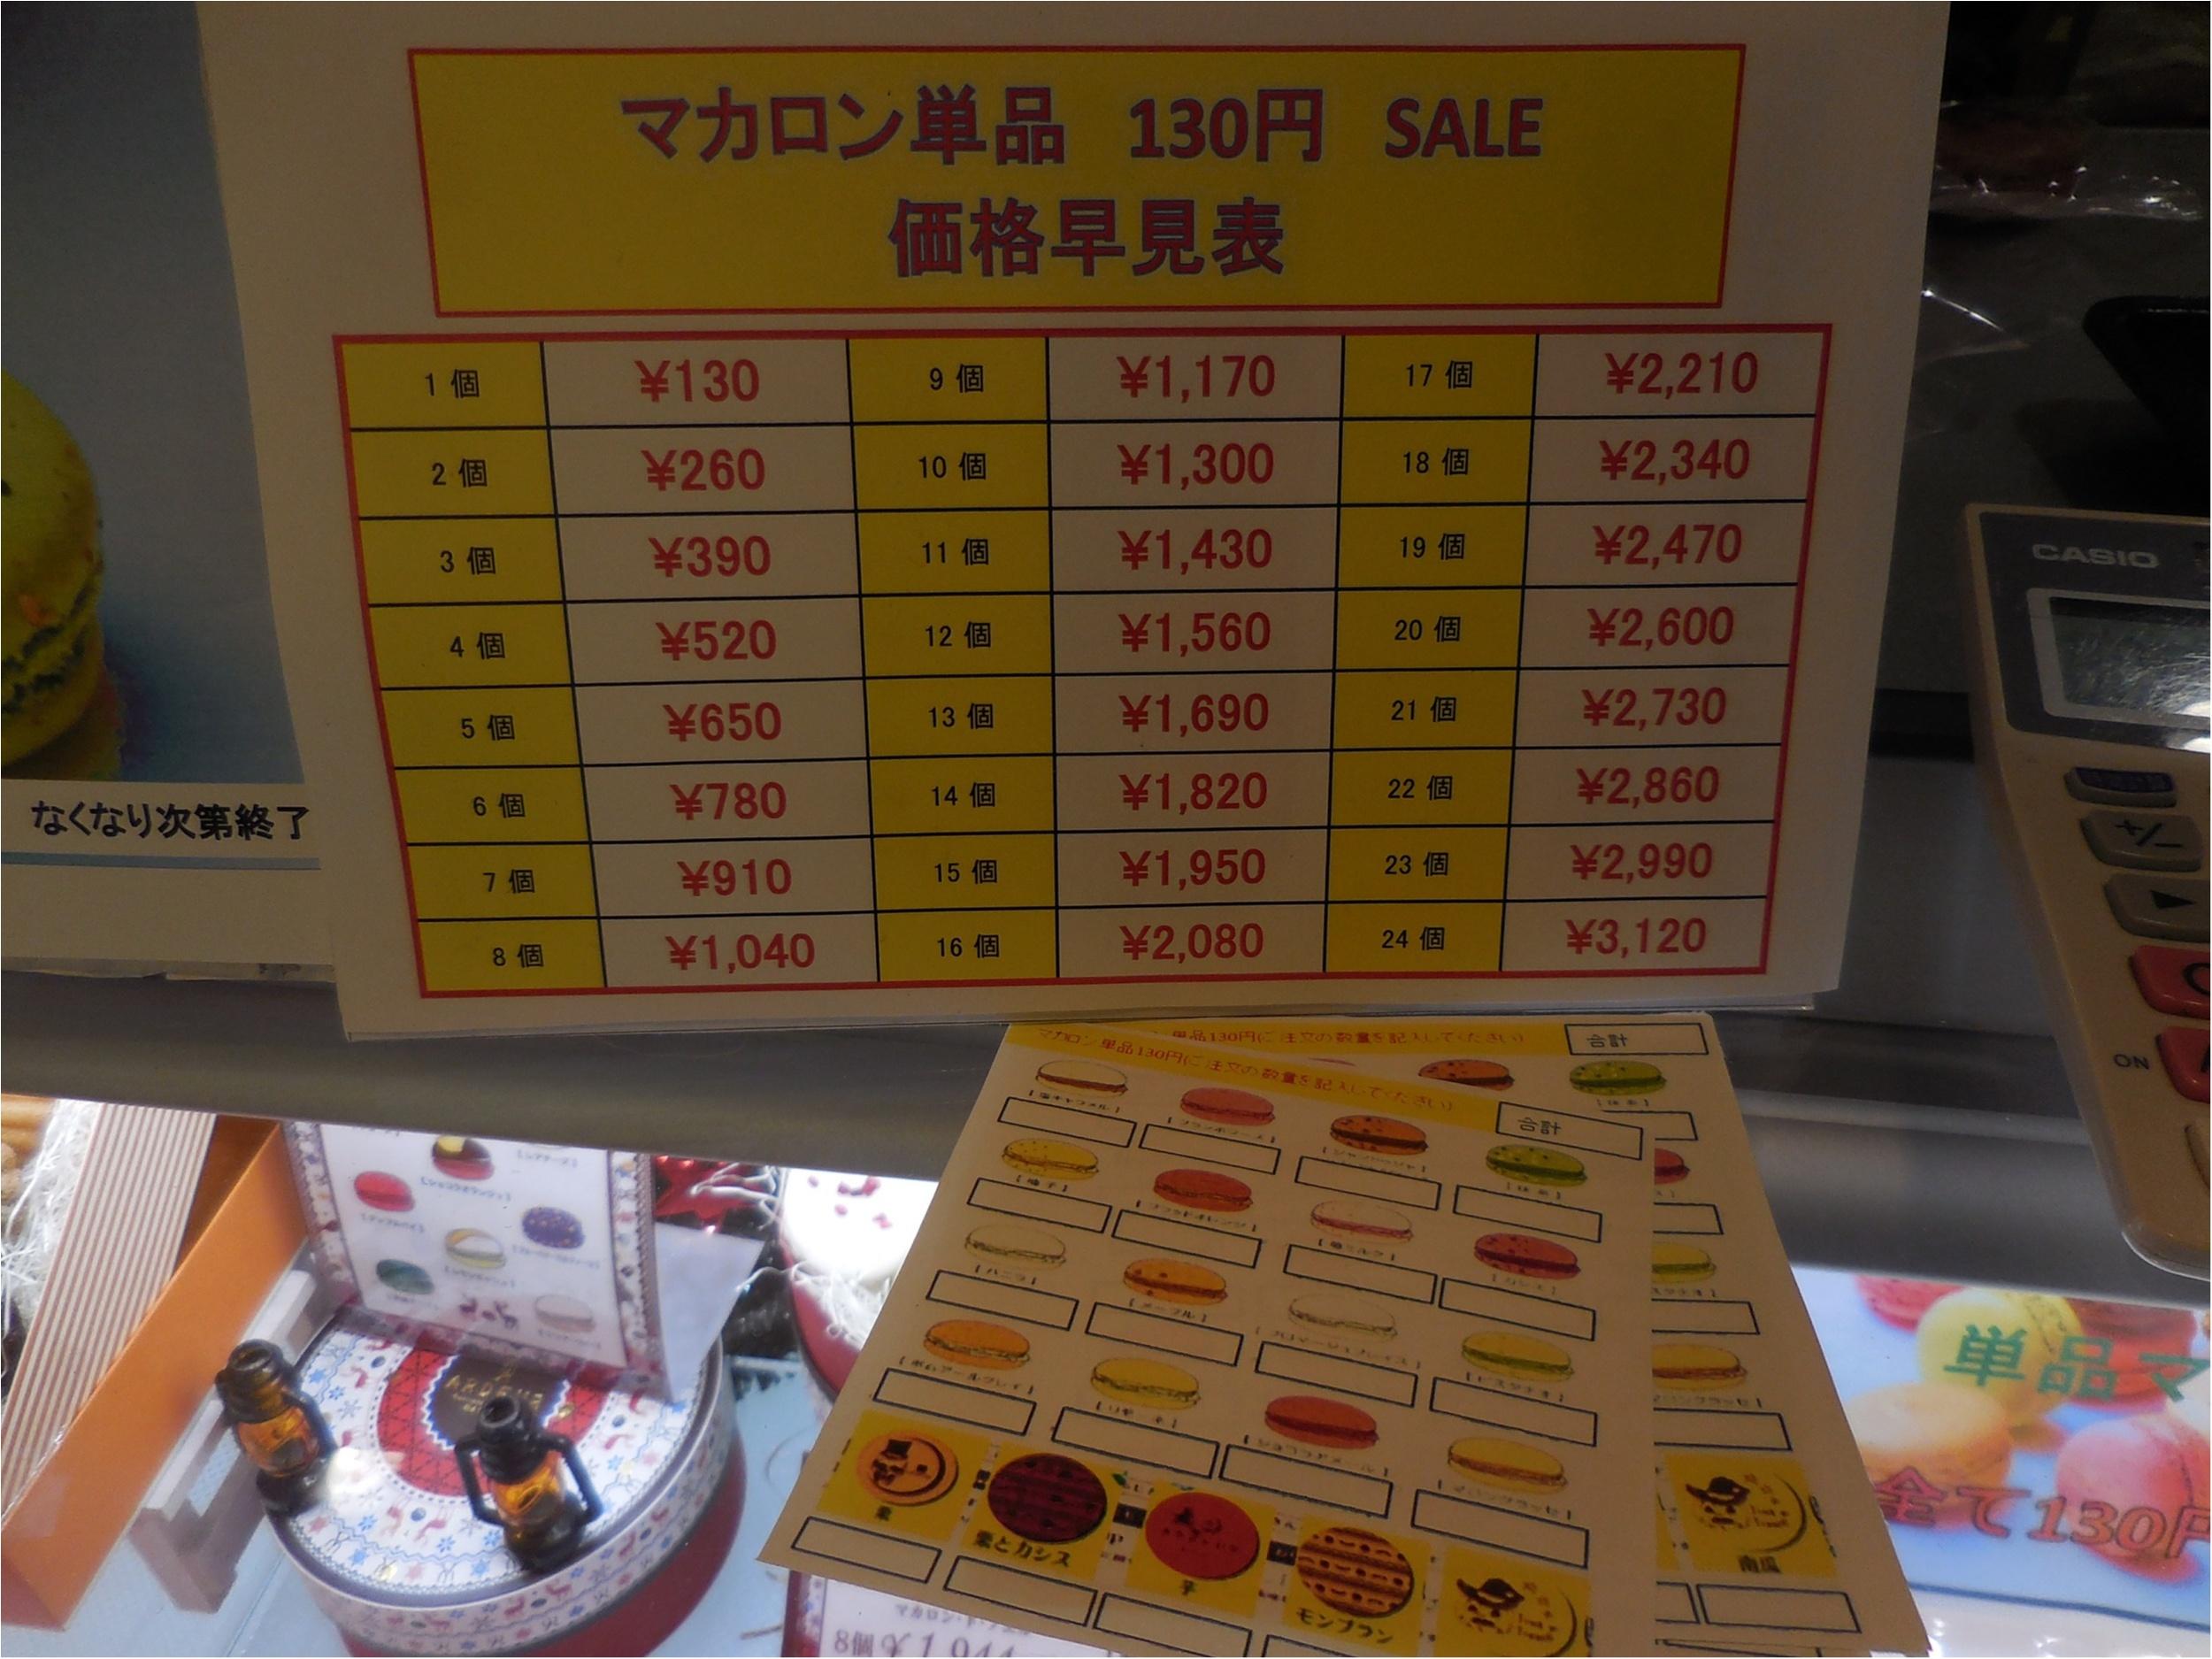 【アルデュールのマカロンがひとつ130円】_2